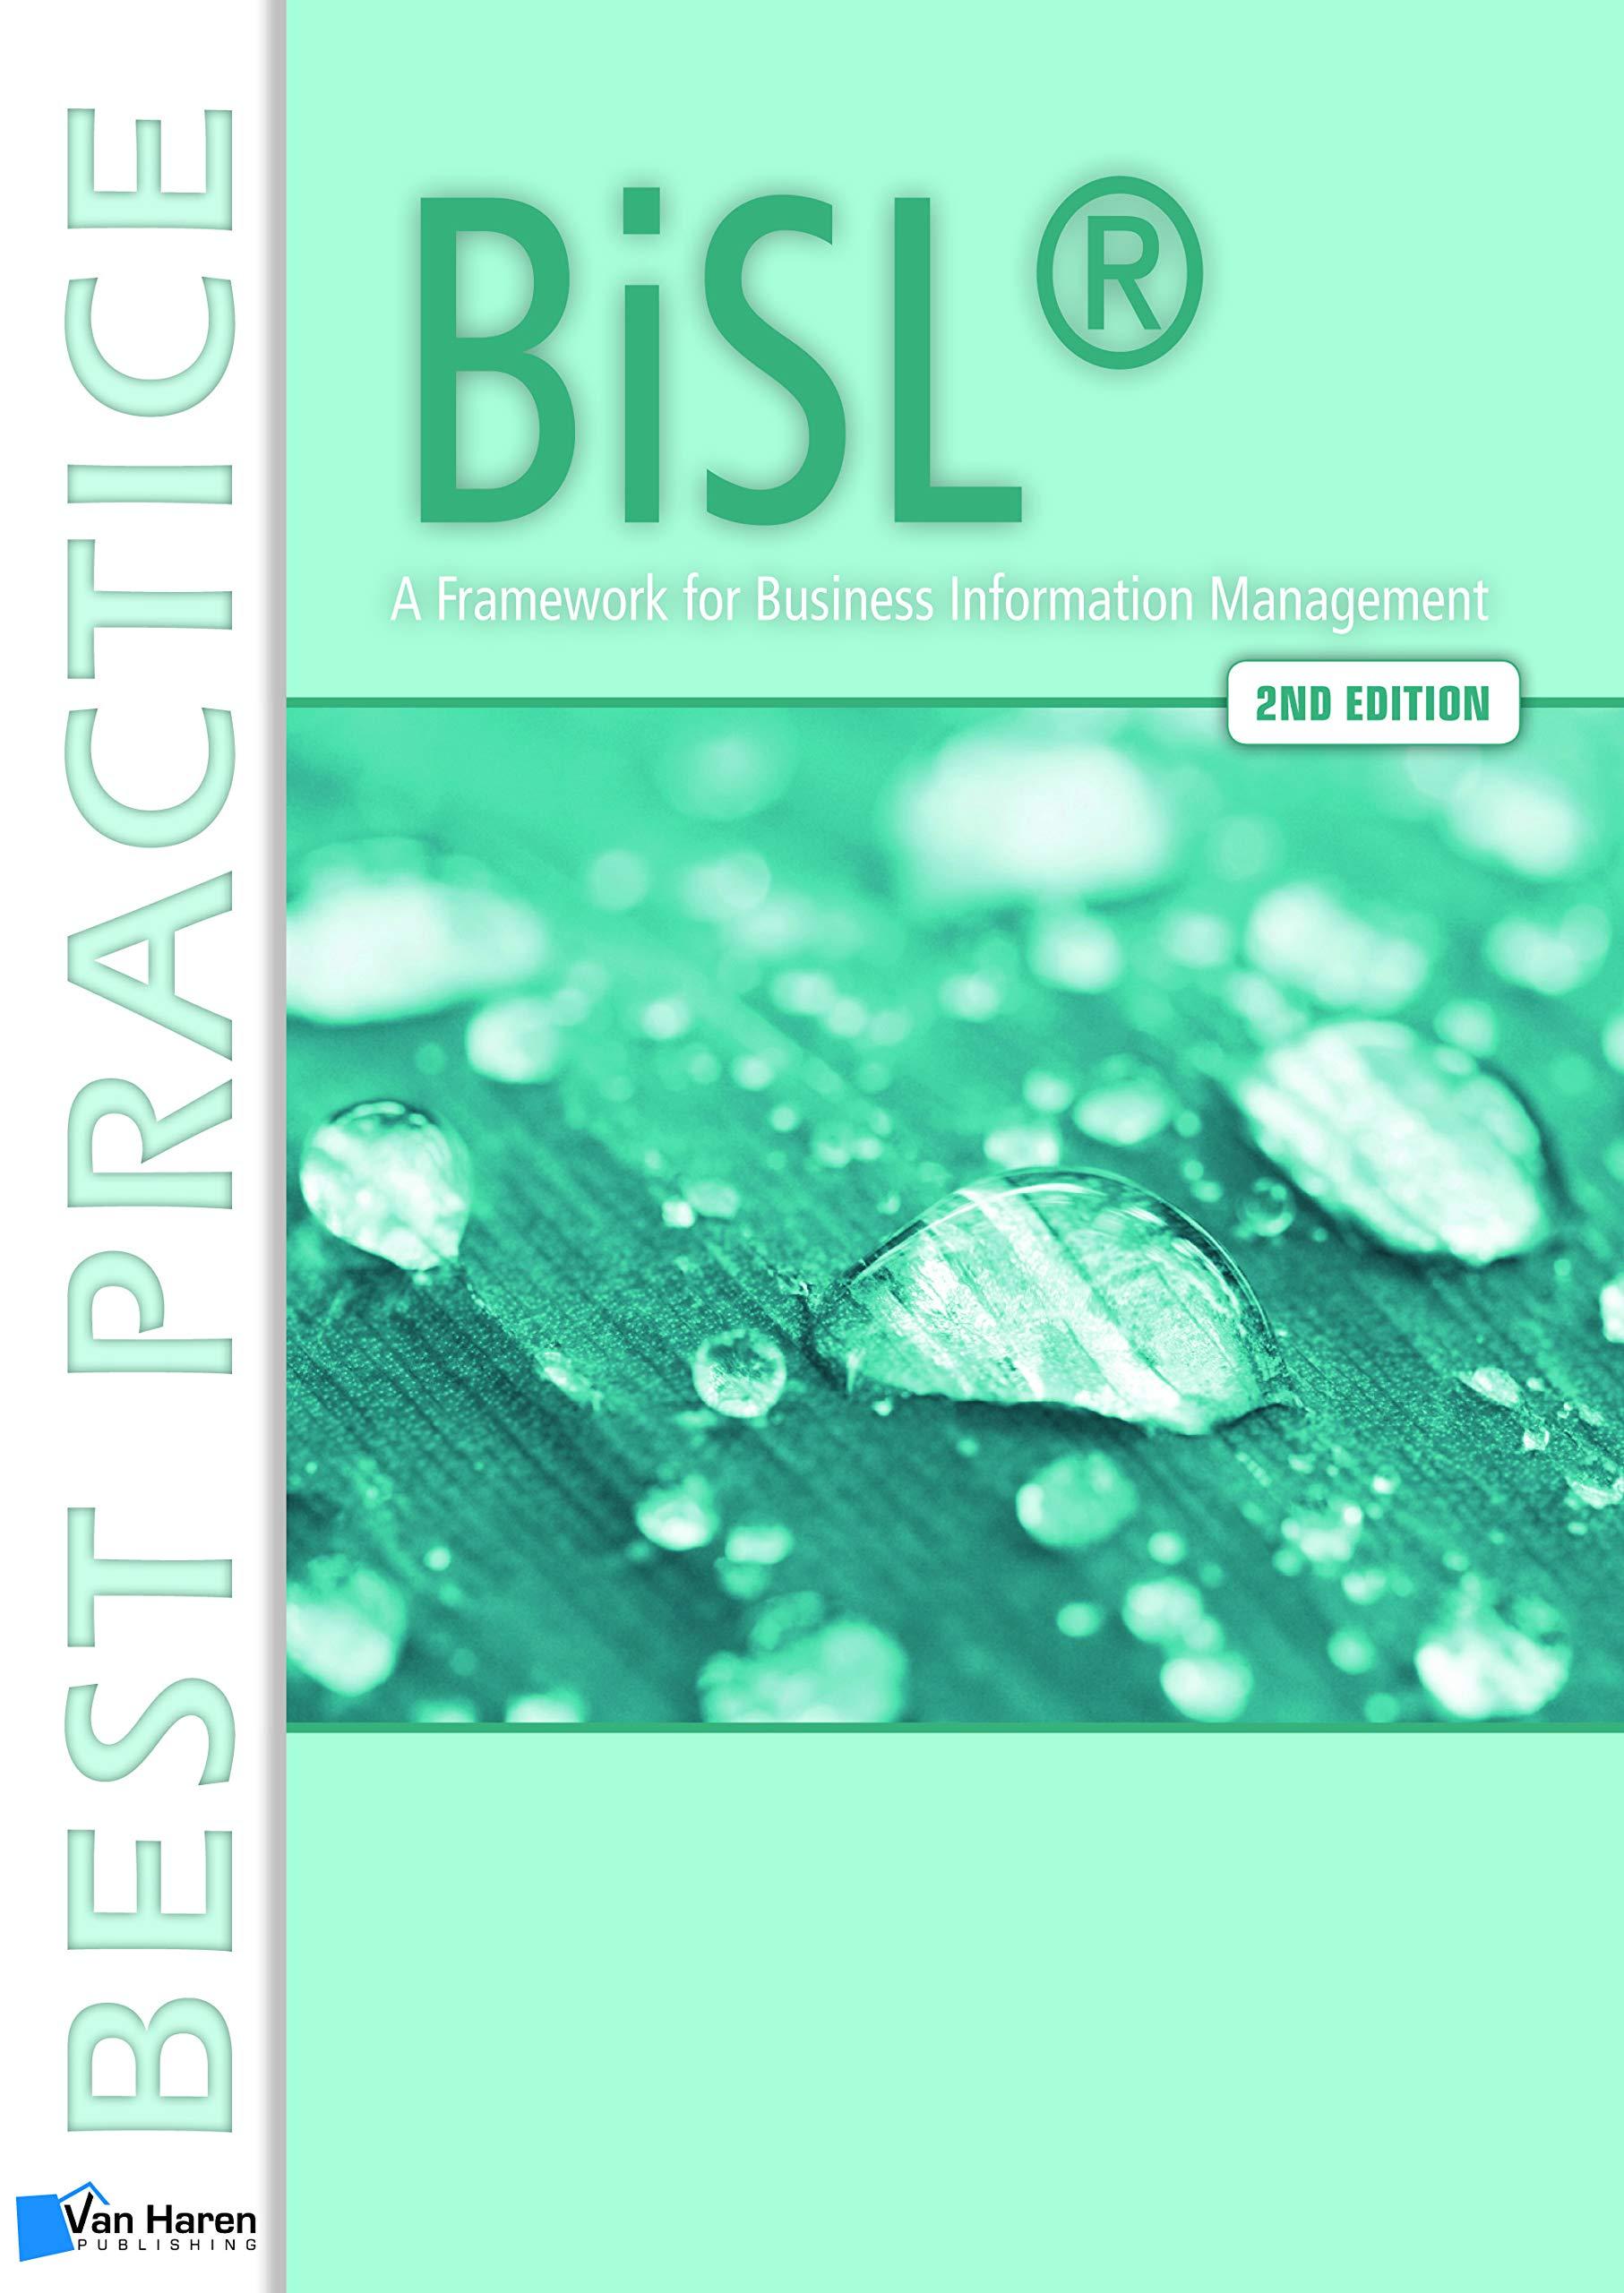 BISL: A Framework For Business Information Management (Best Practice Series)